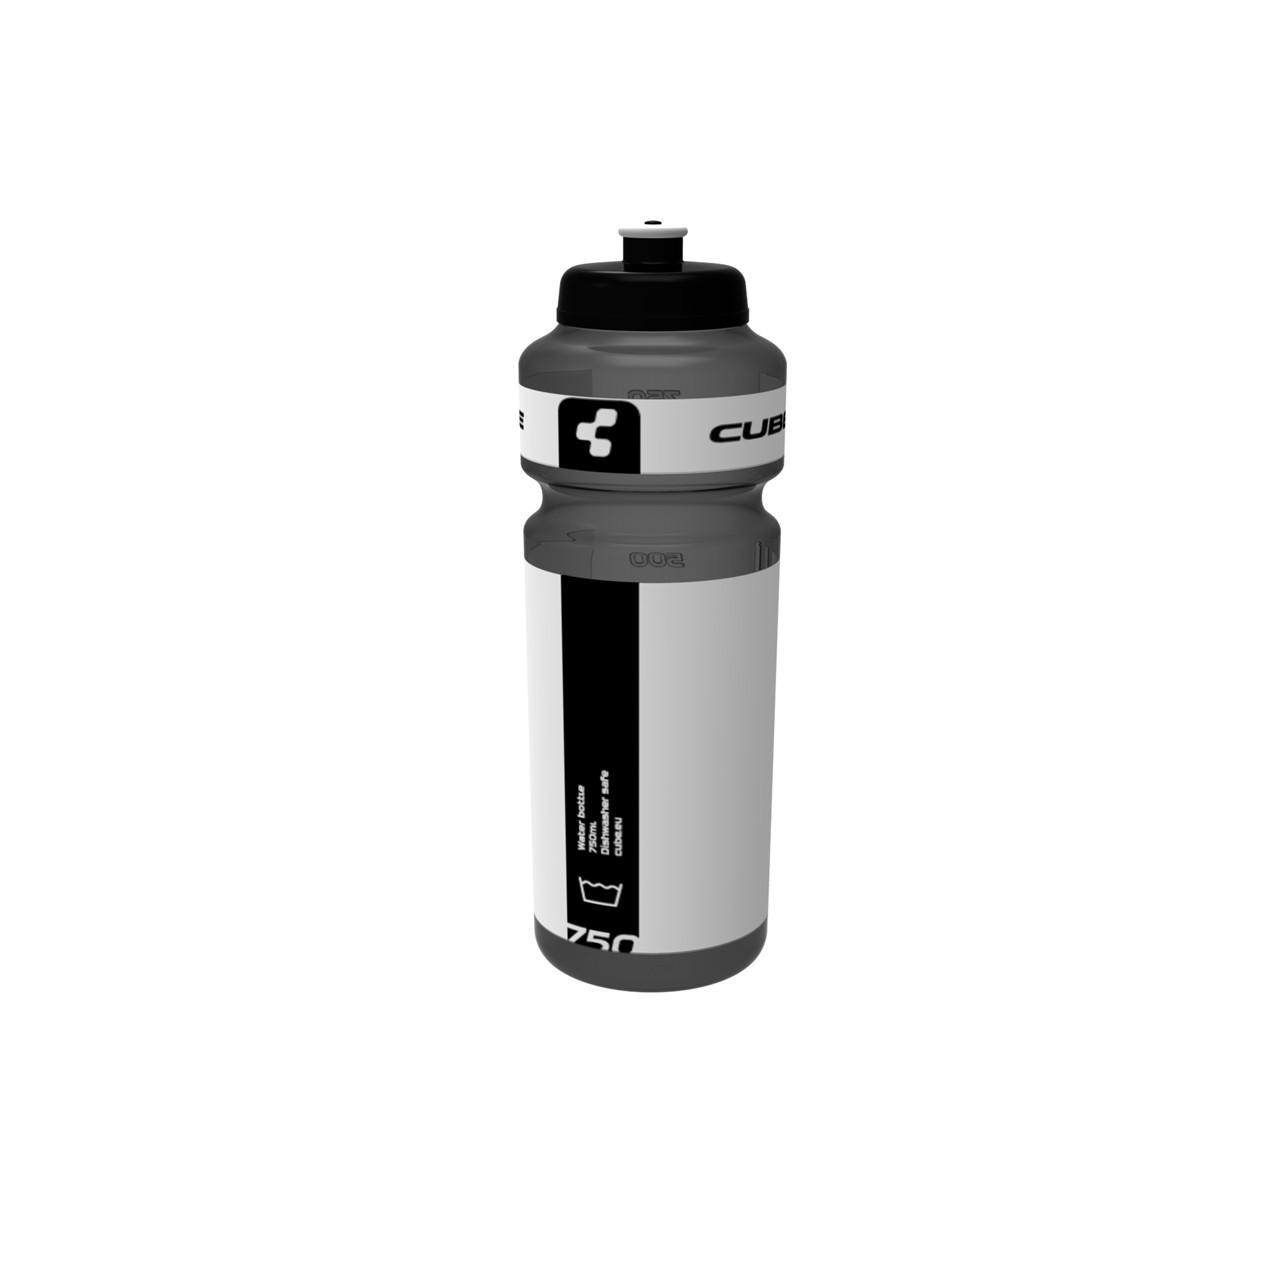 Cube Flaske (Sort, 0,75 Liter) Cykel Tilbehør